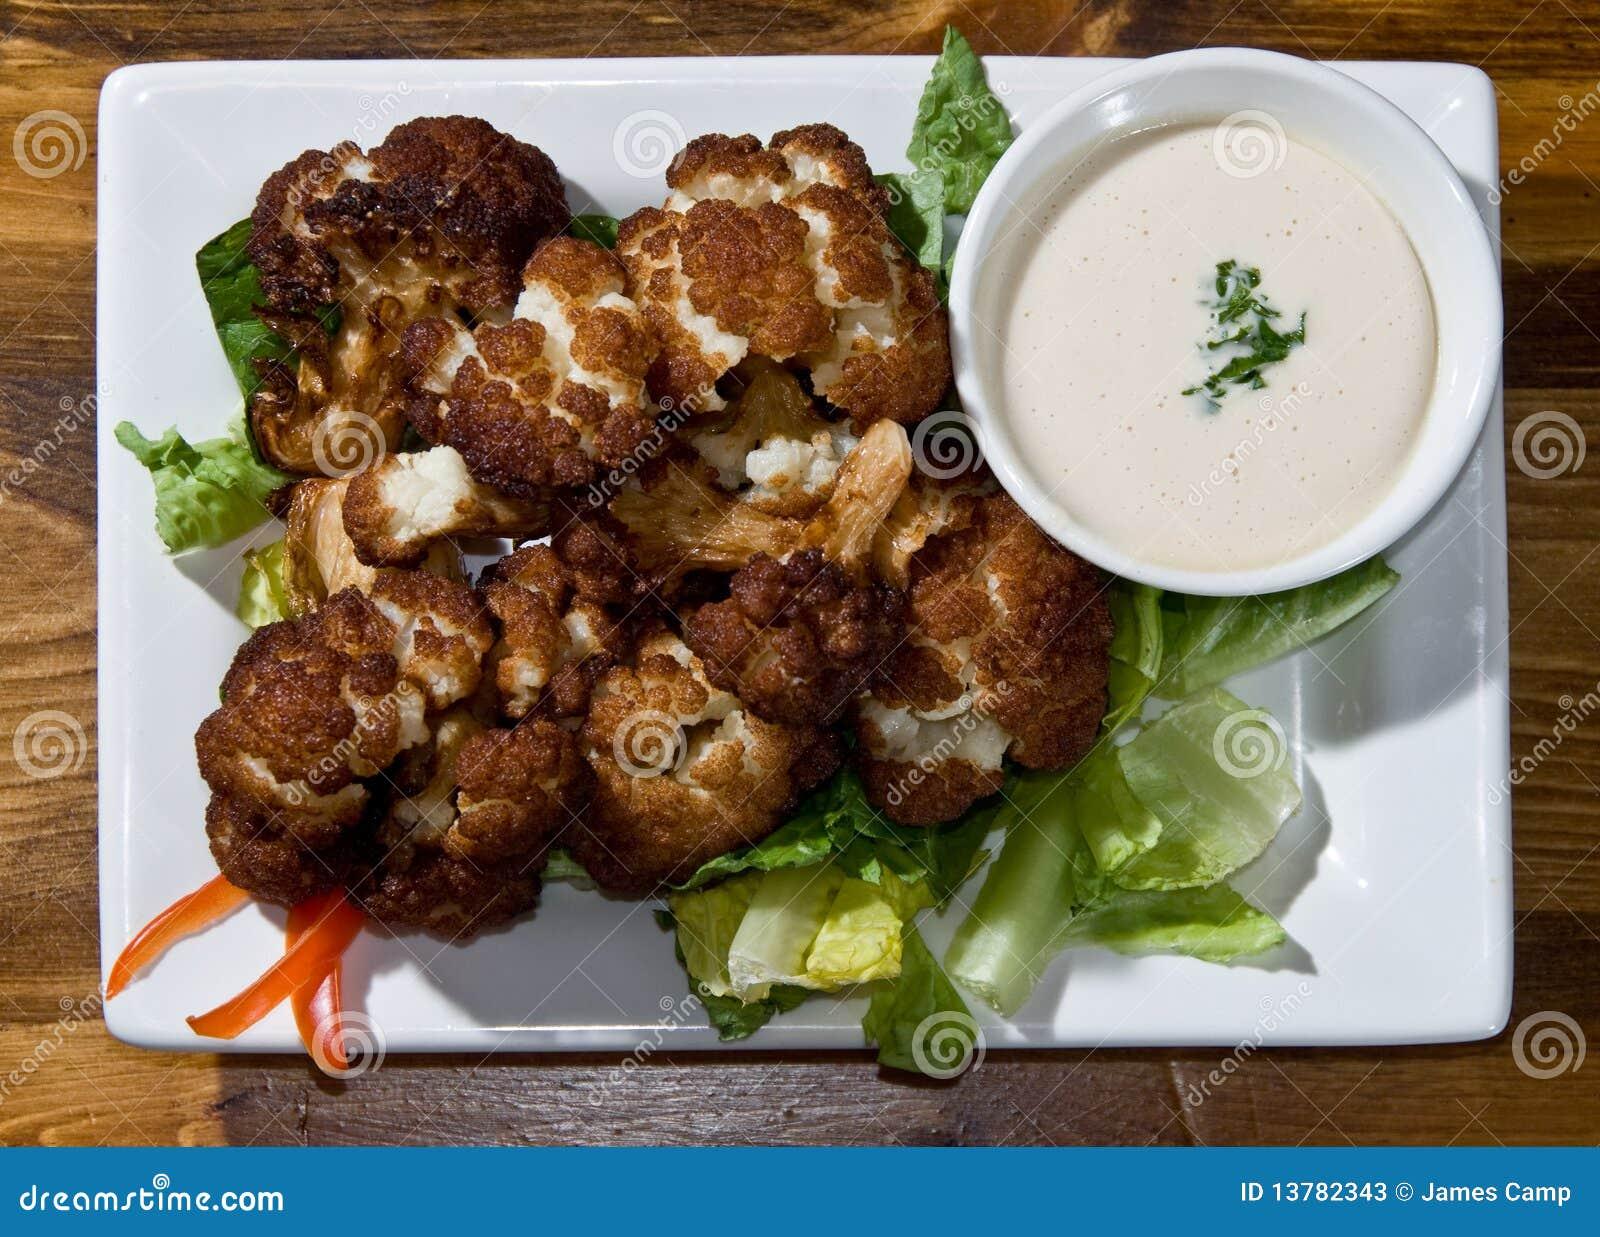 Roasted Cauliflower Stock Photos - Image: 13782343